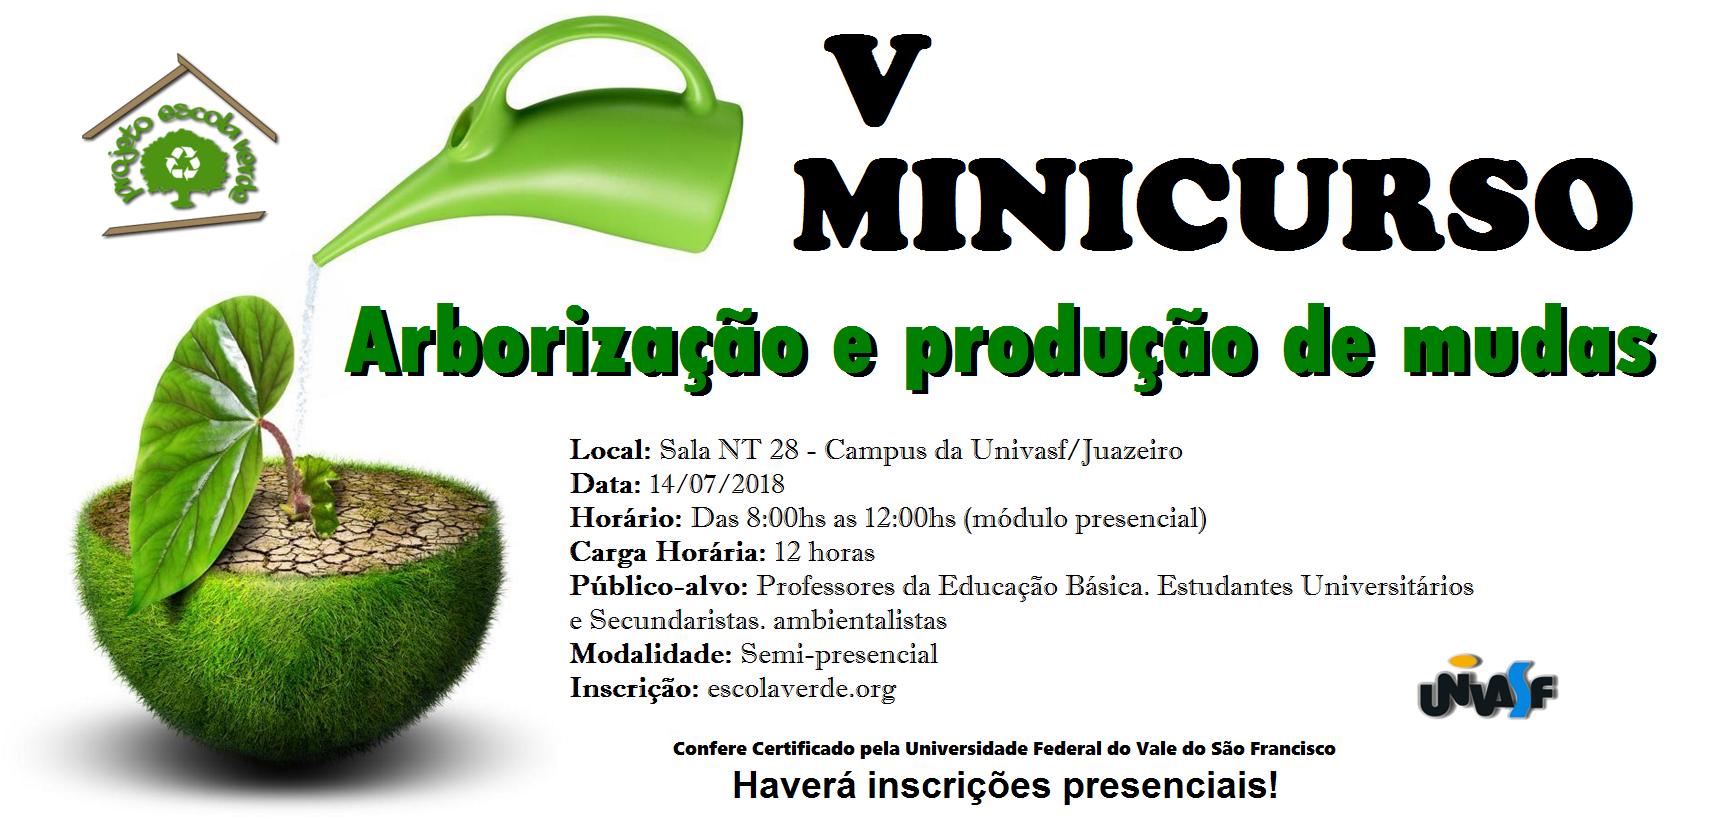 banner V minicurso de produção de mudas e arborização